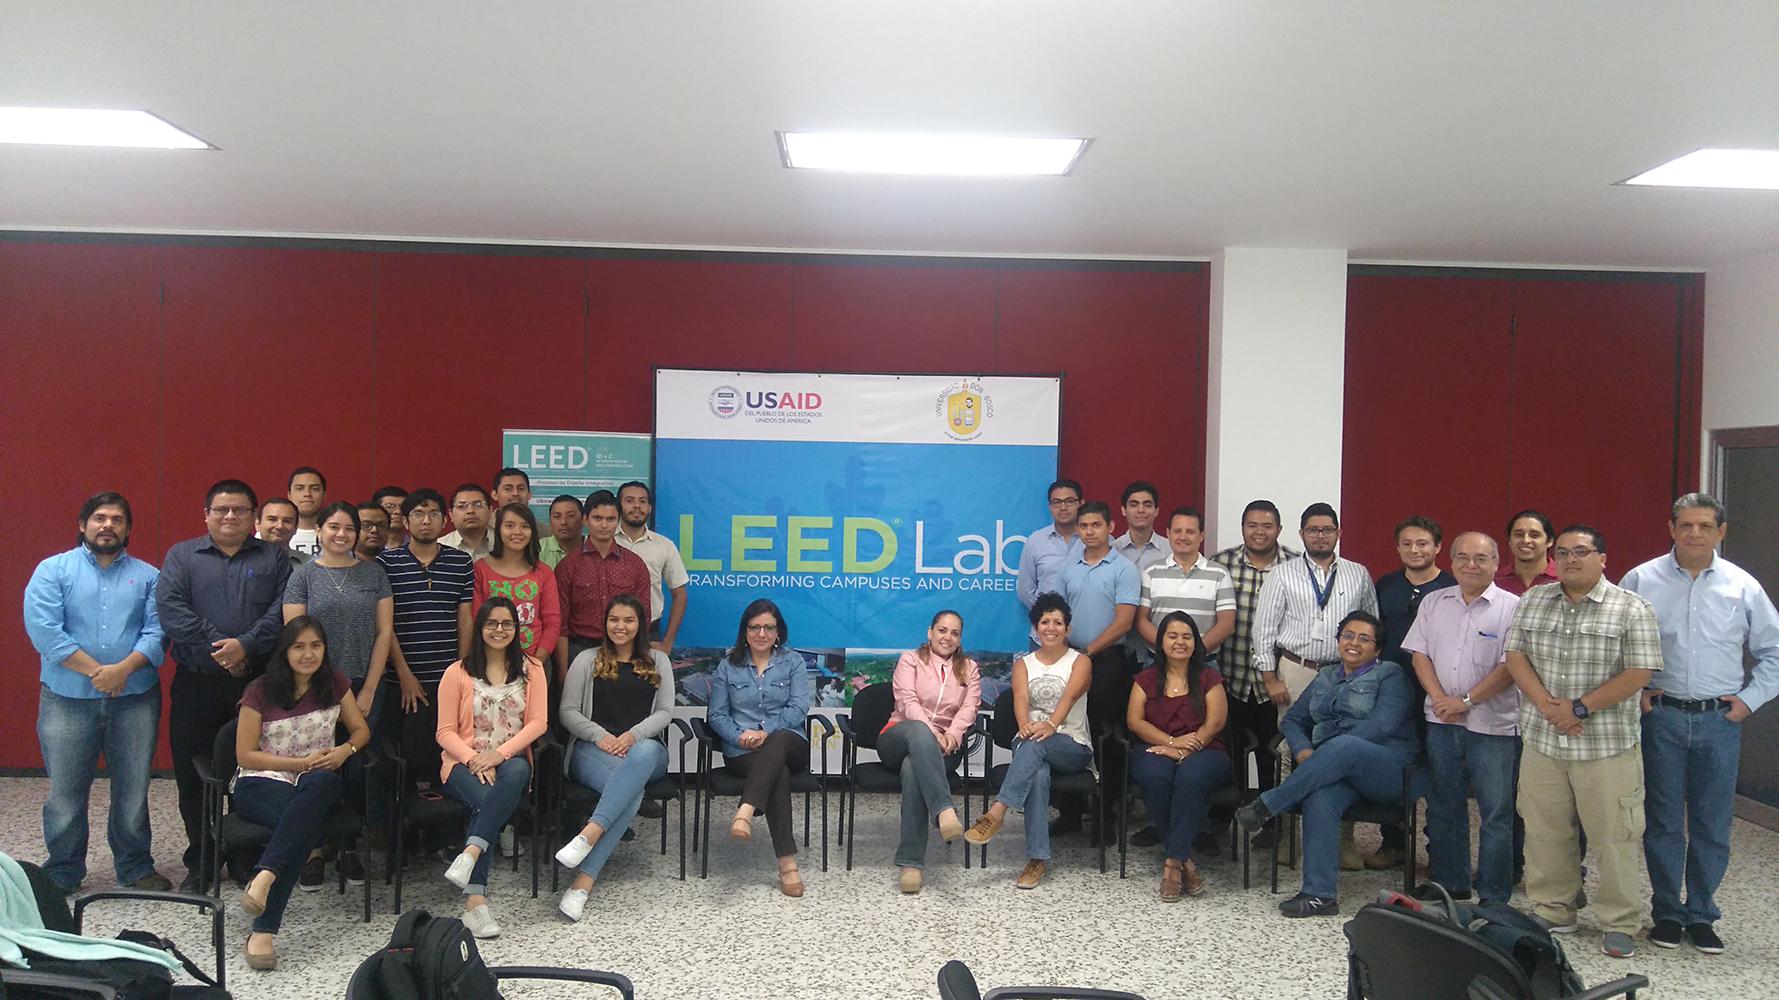 Leed Lab